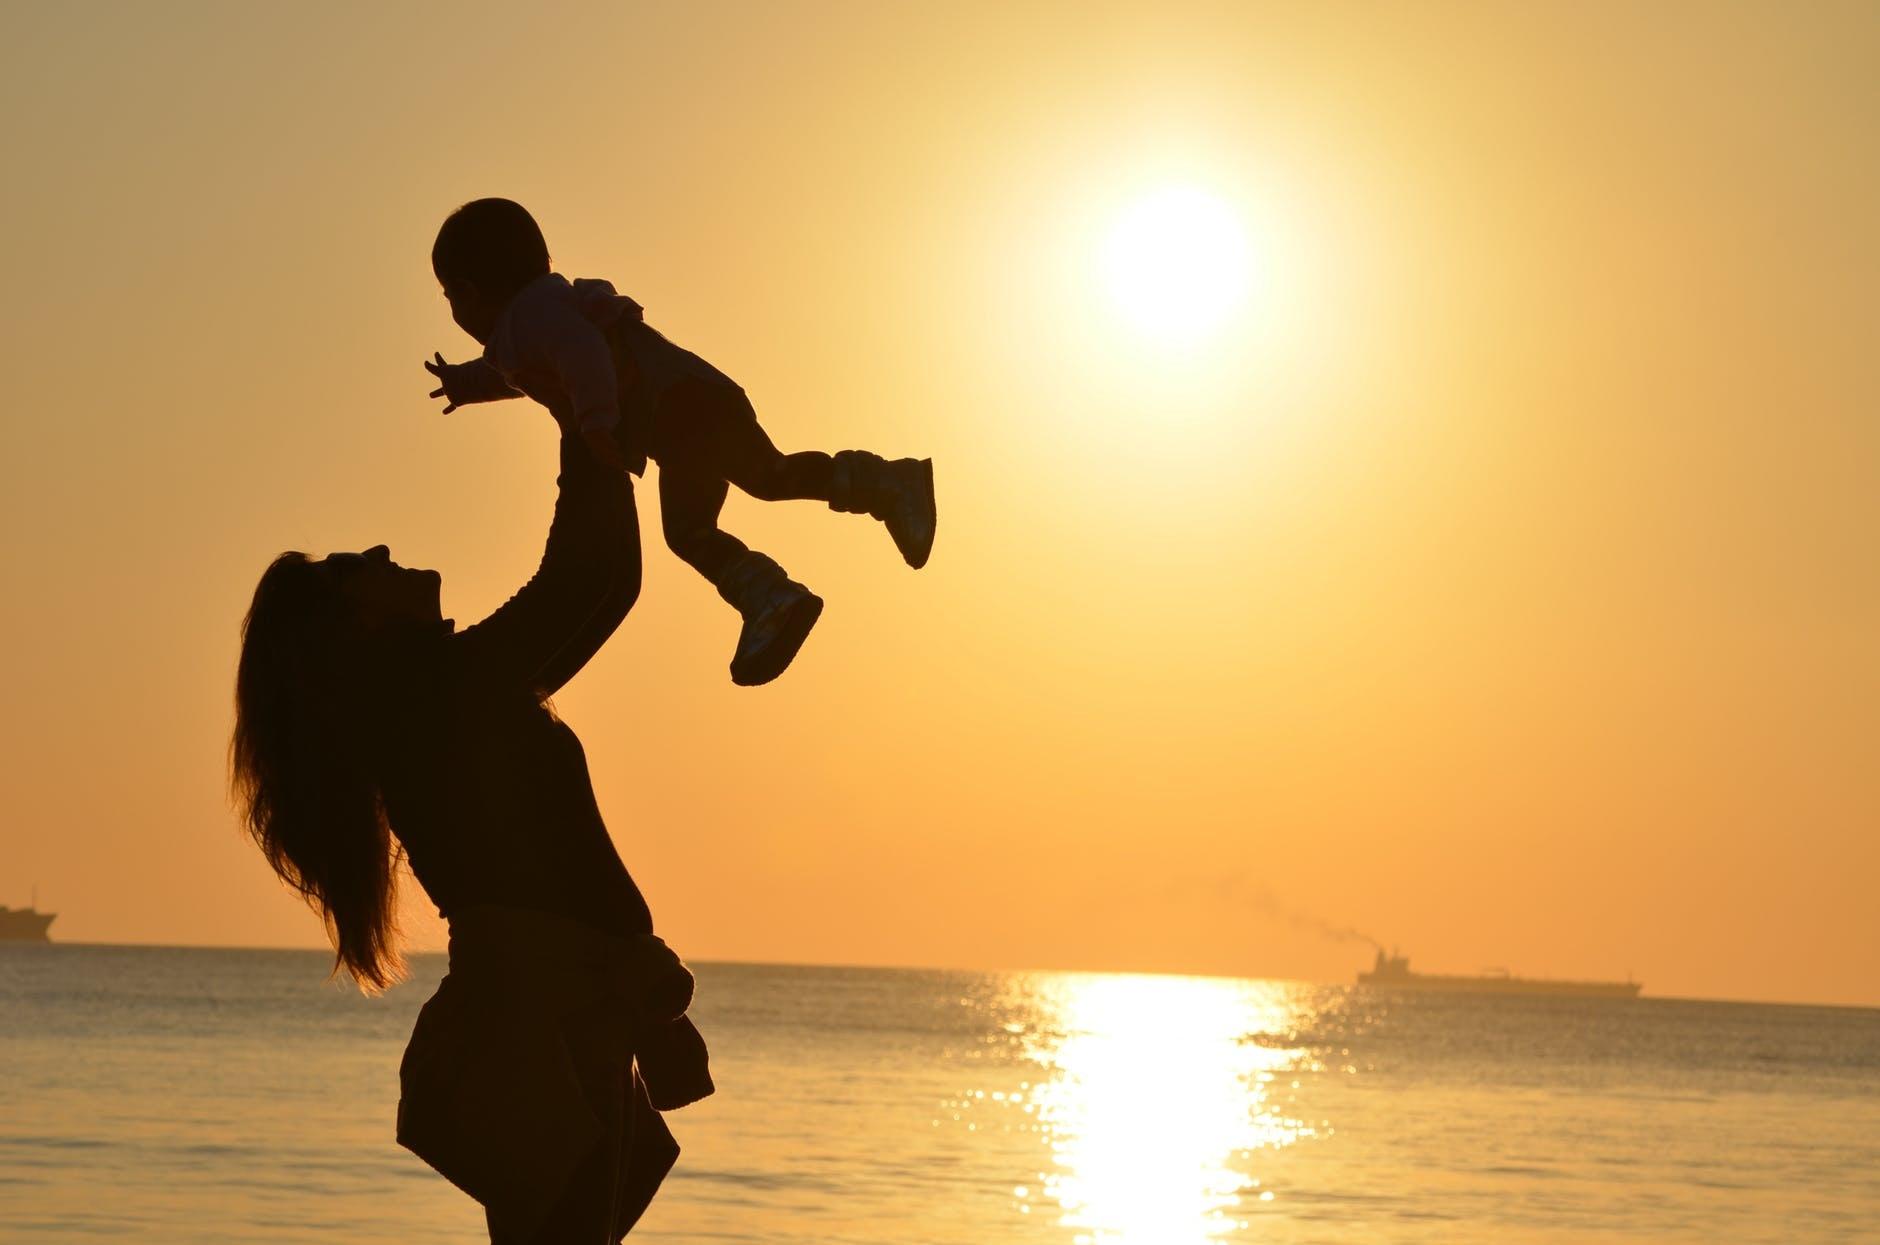 Gambar: Ibu Mengangkat Anaknya